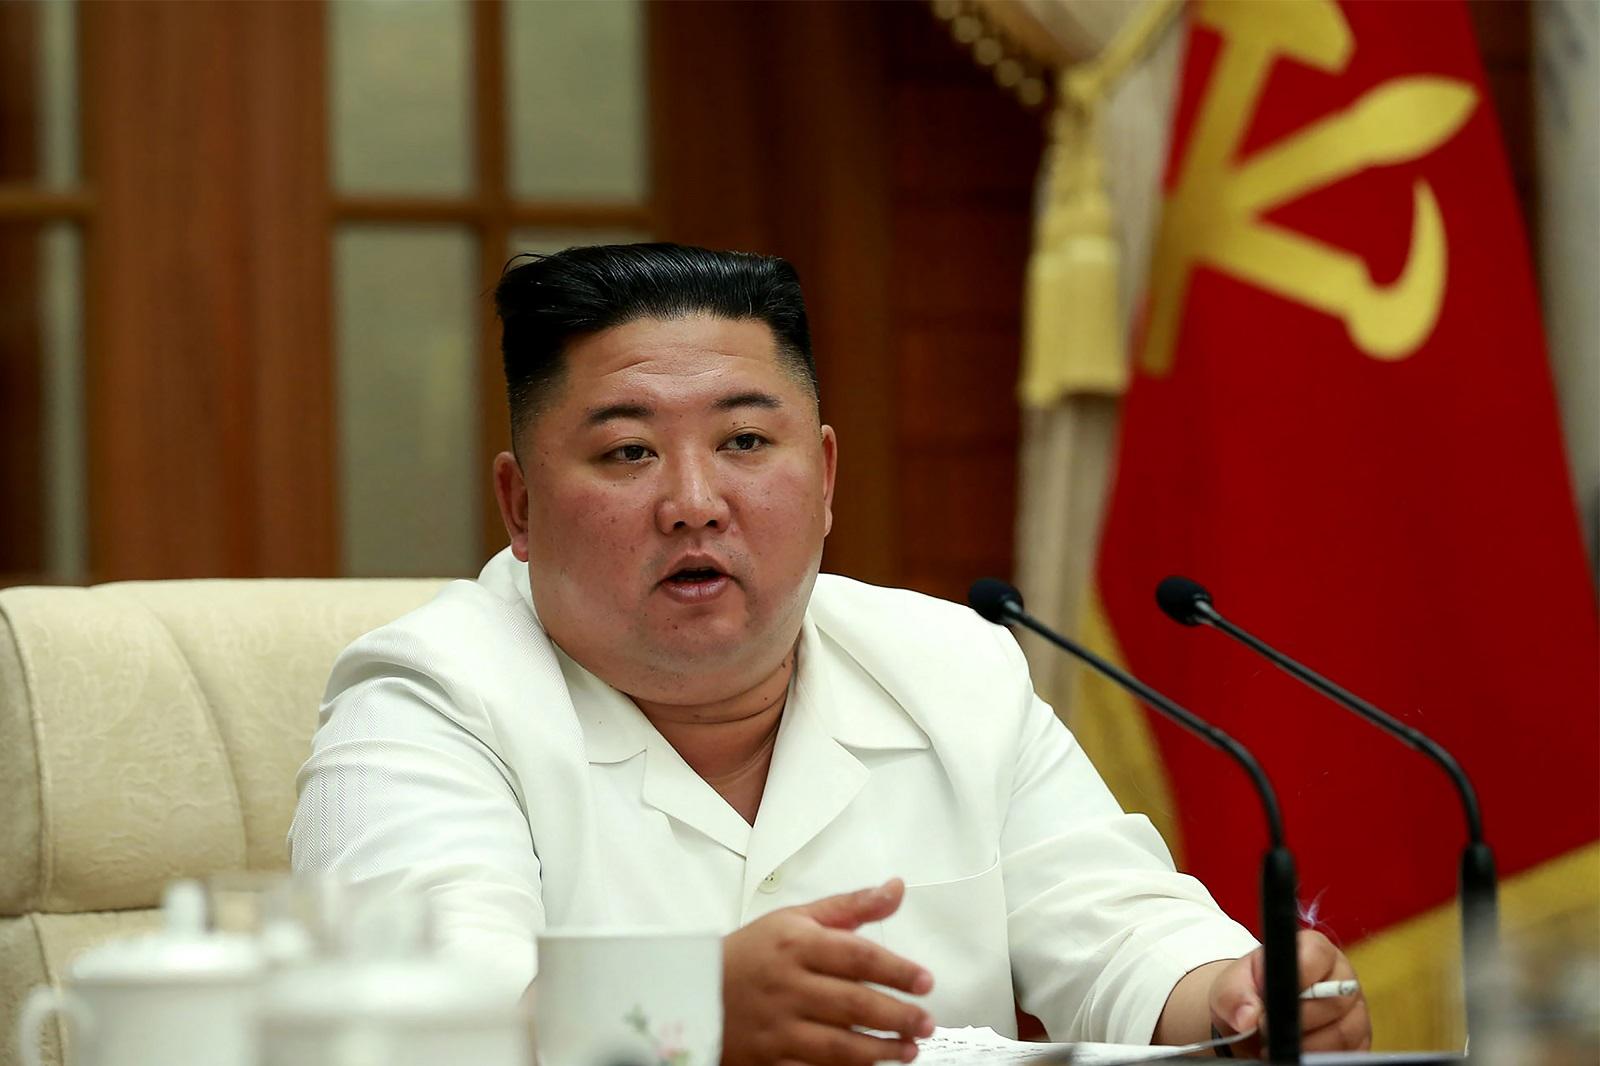 O pedido foi feito ao líder supremo da Coreia do Norte, Kim Jong-um (Foto: STR / AFP / KCNA VIA KNS)